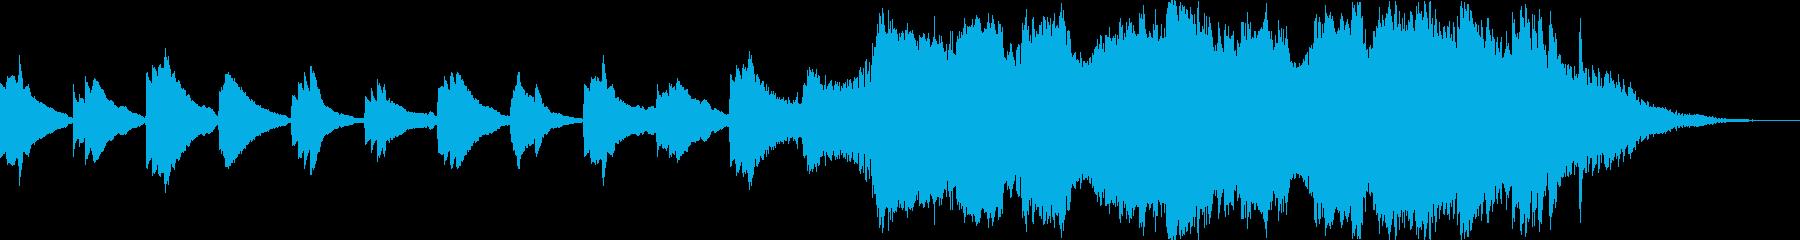 30秒/ピアノから始まりオーケストラへとの再生済みの波形